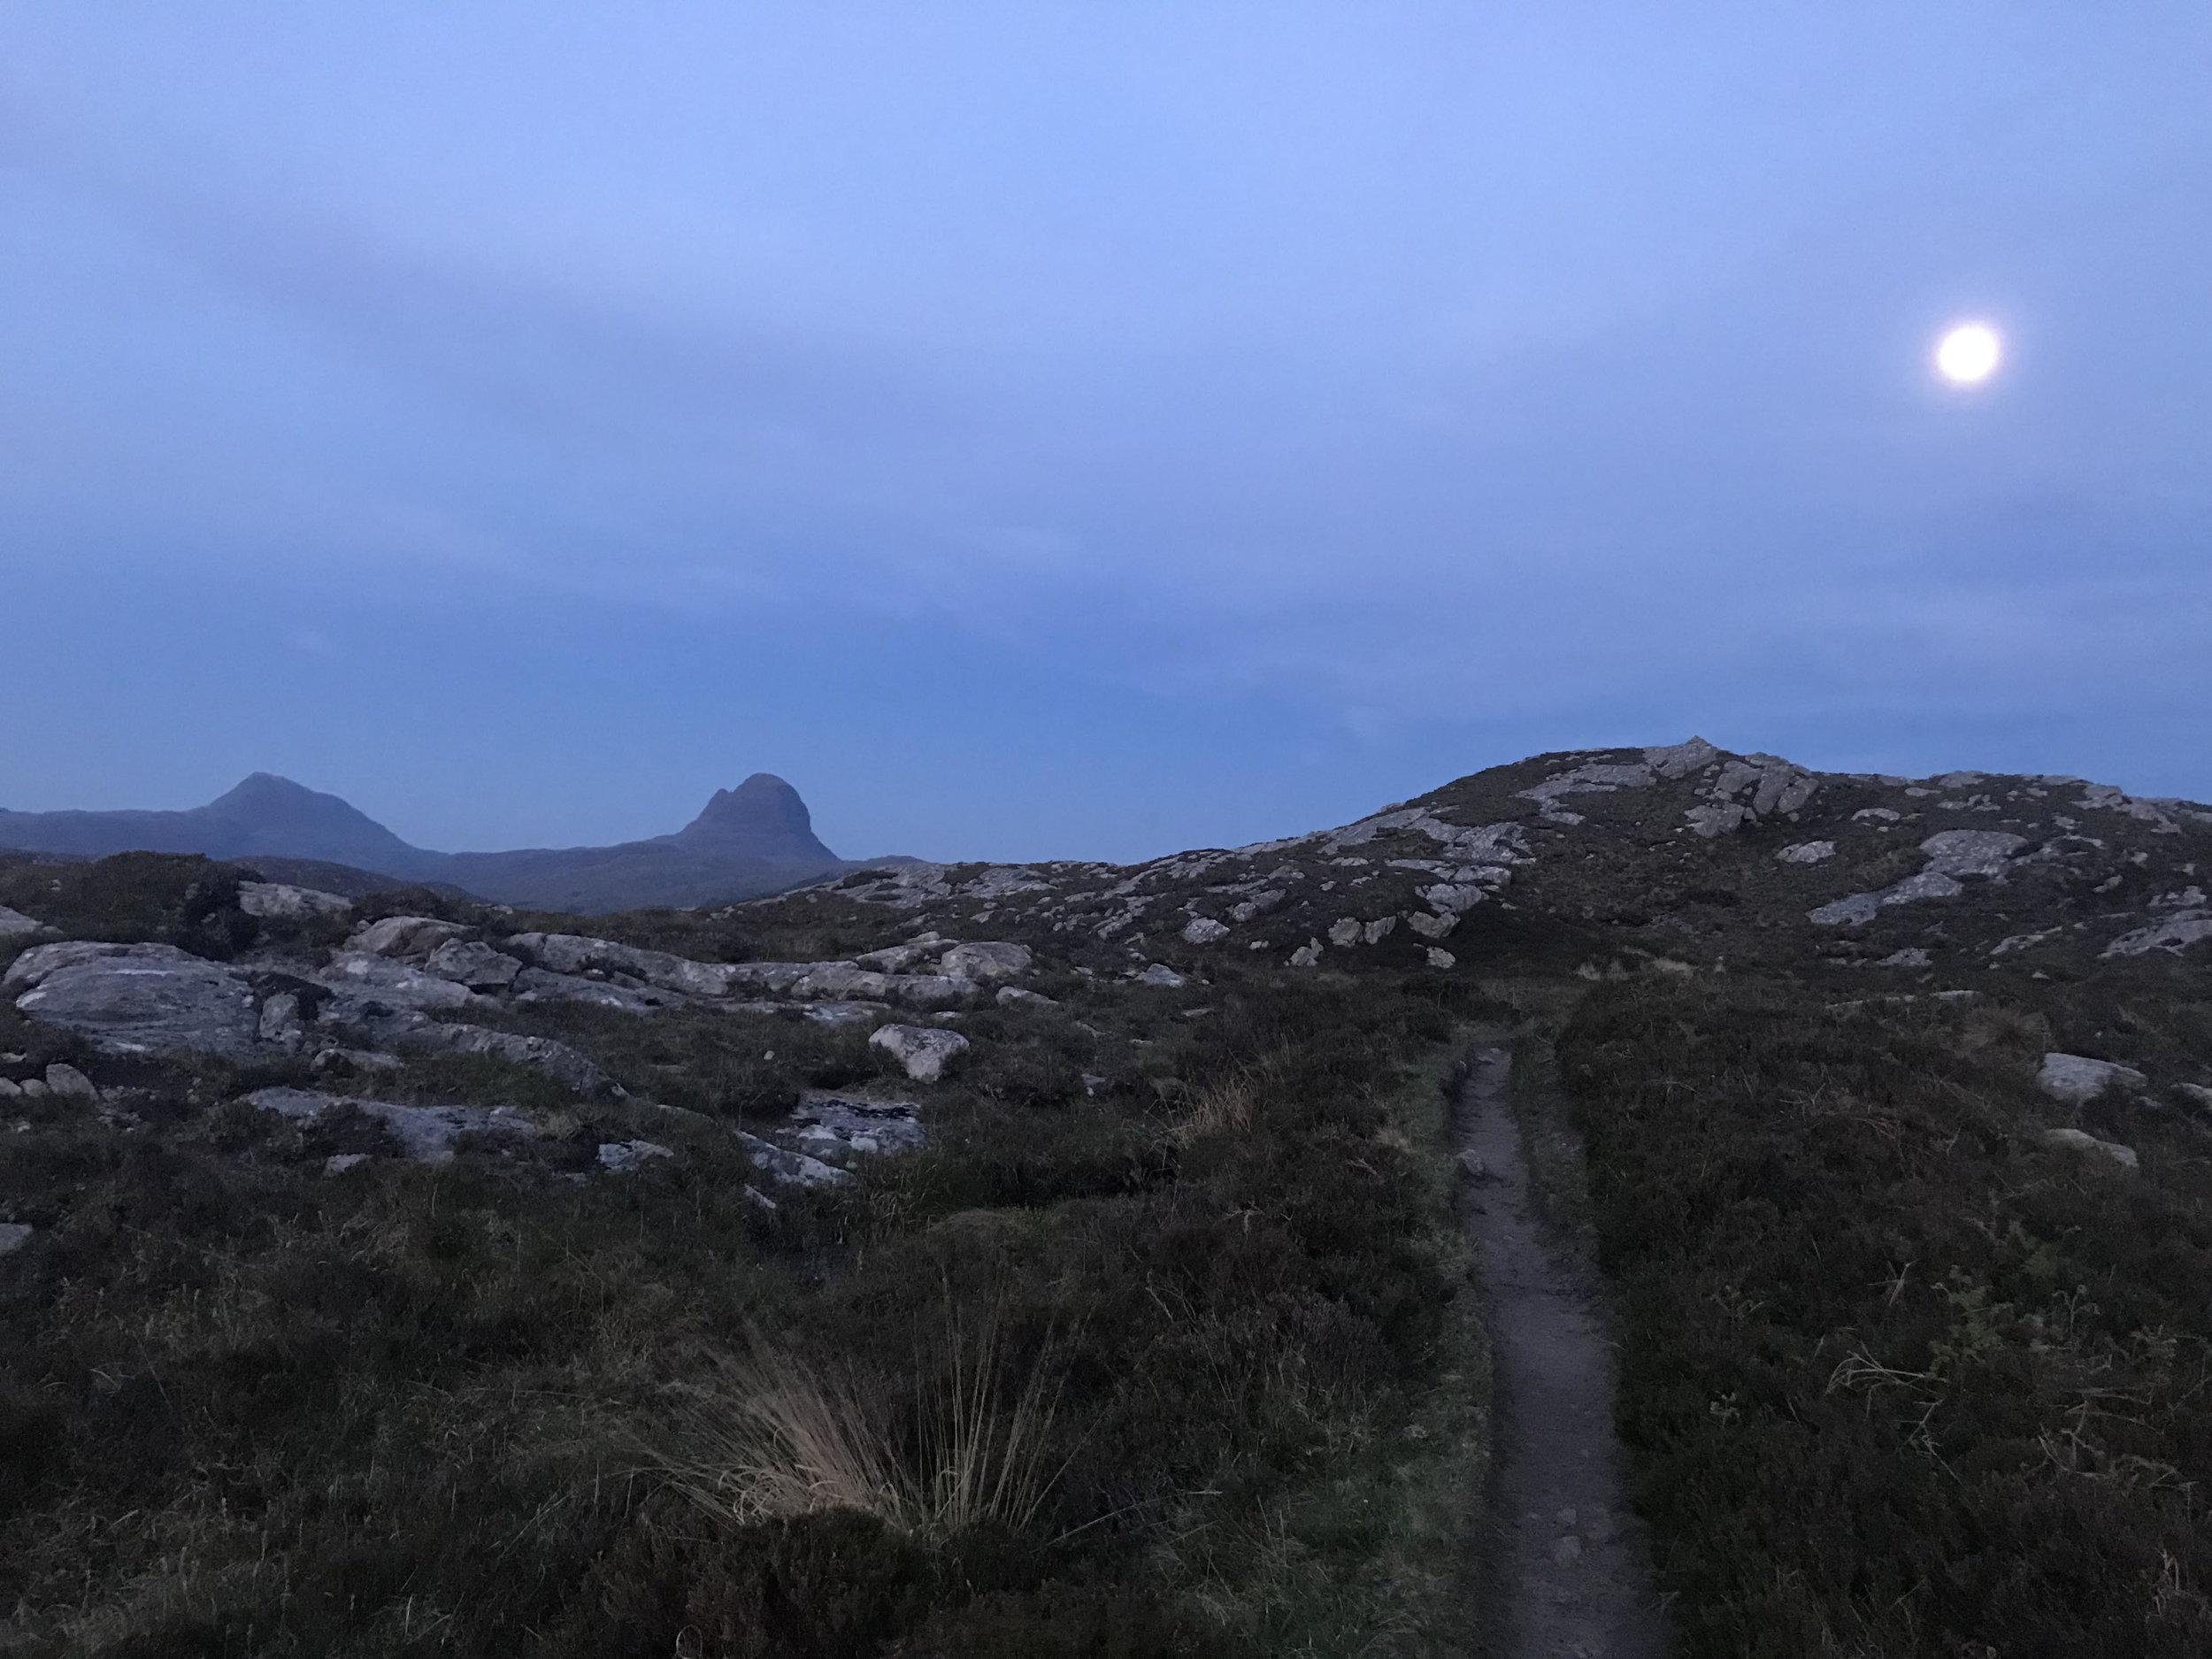 Coastal singletrack near Lochinver. Suliven in the background.